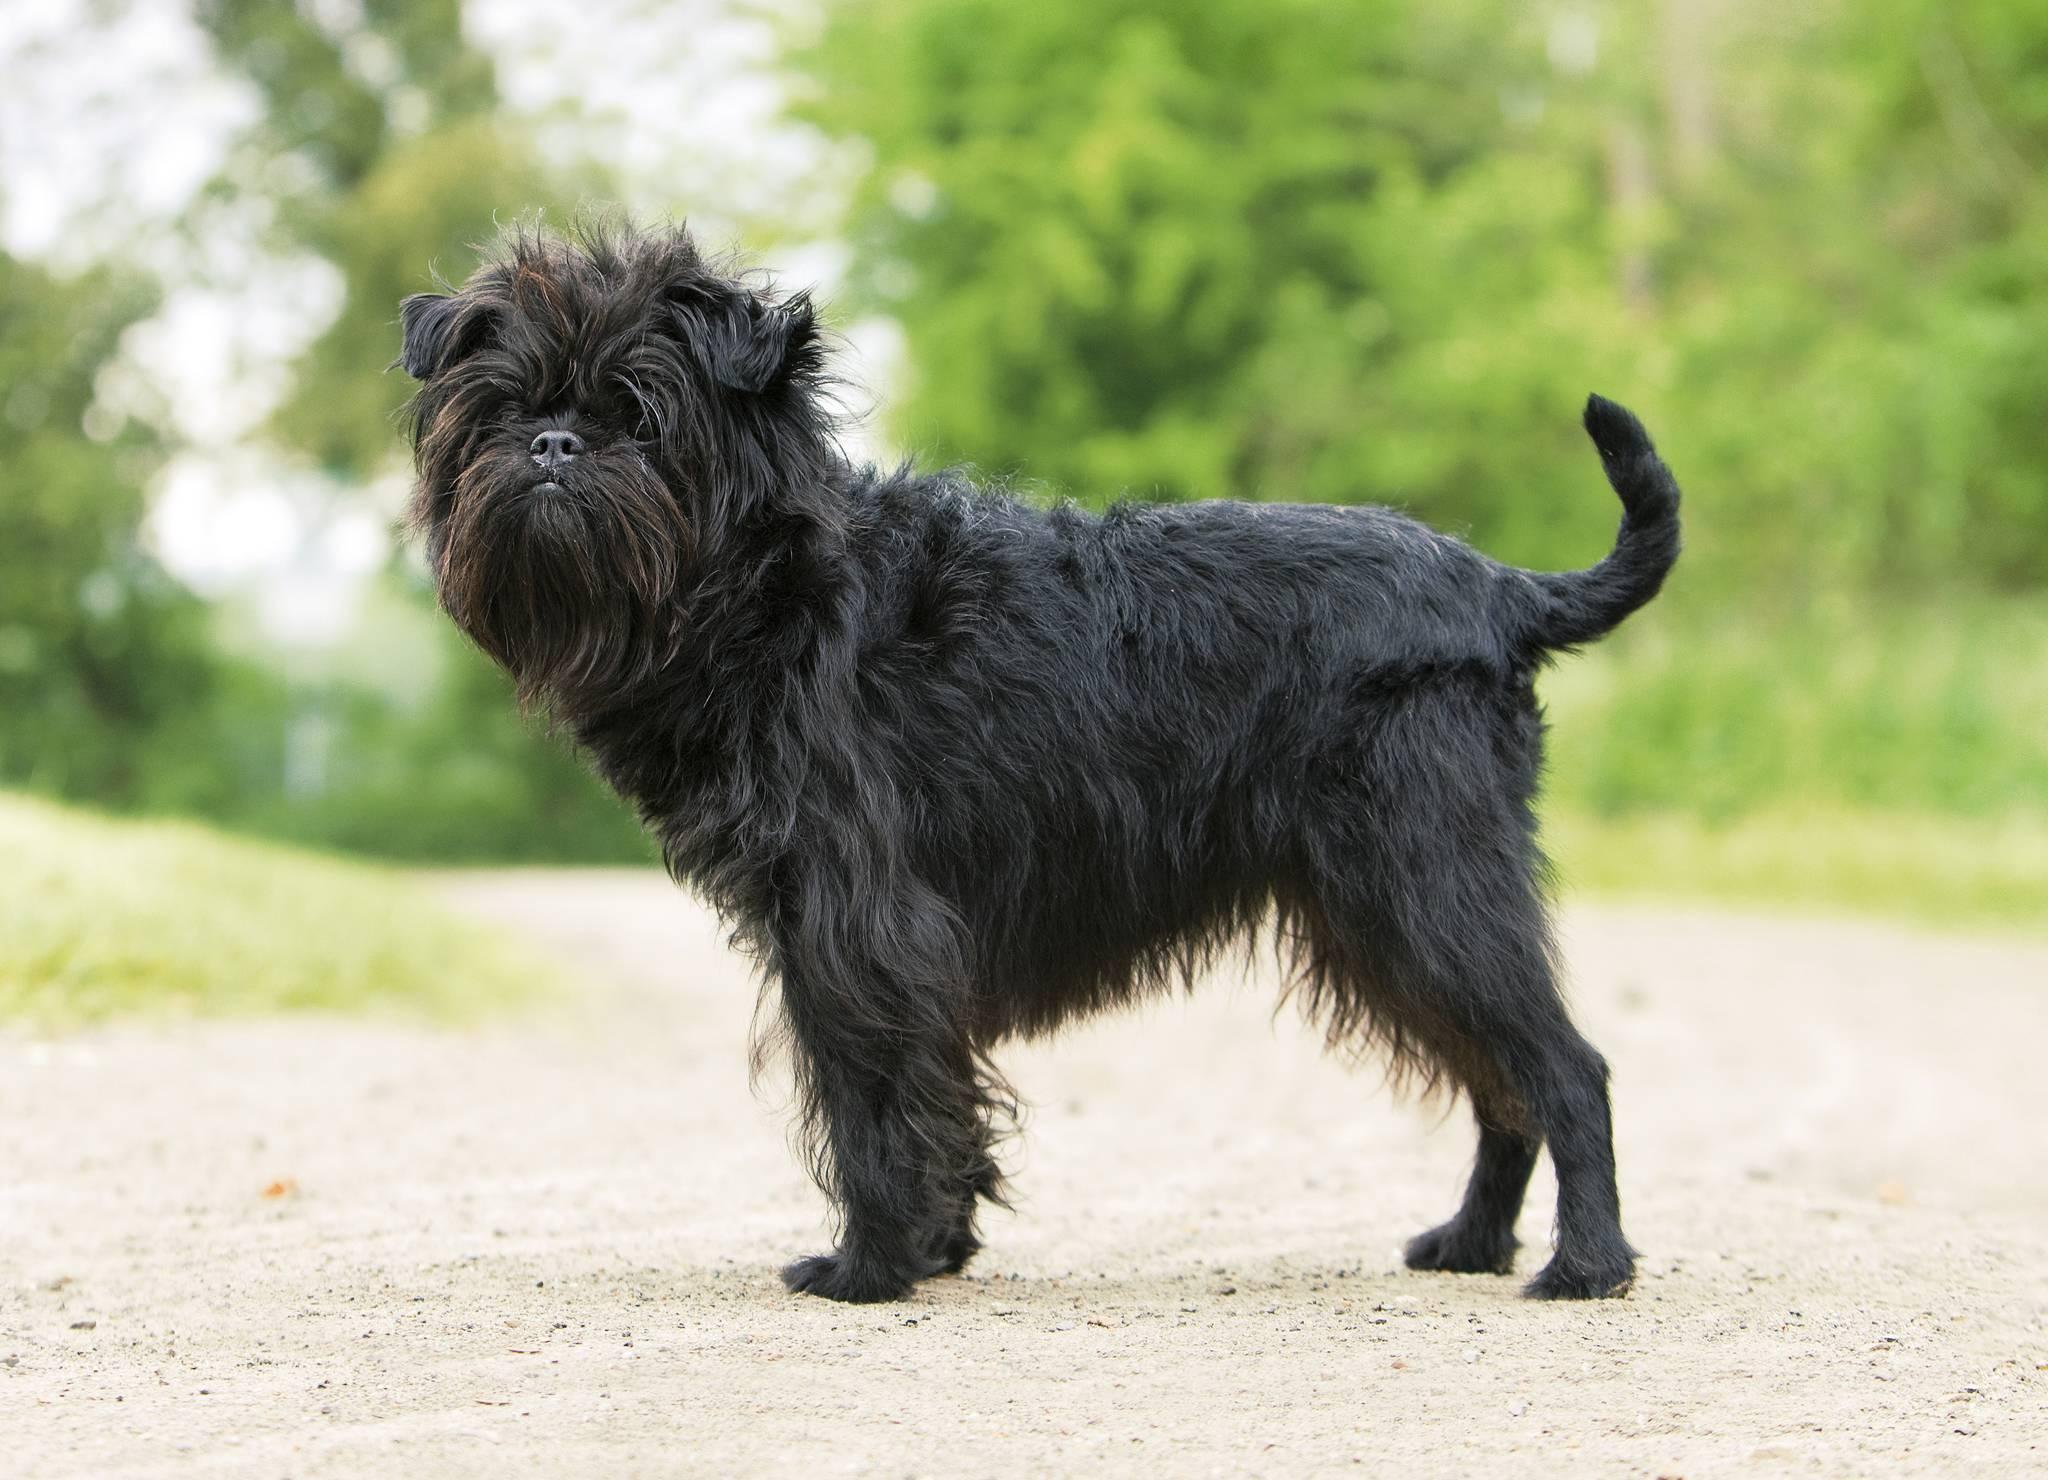 Аффенпинчер: описание породы, характер собаки и щенка, фото, цена